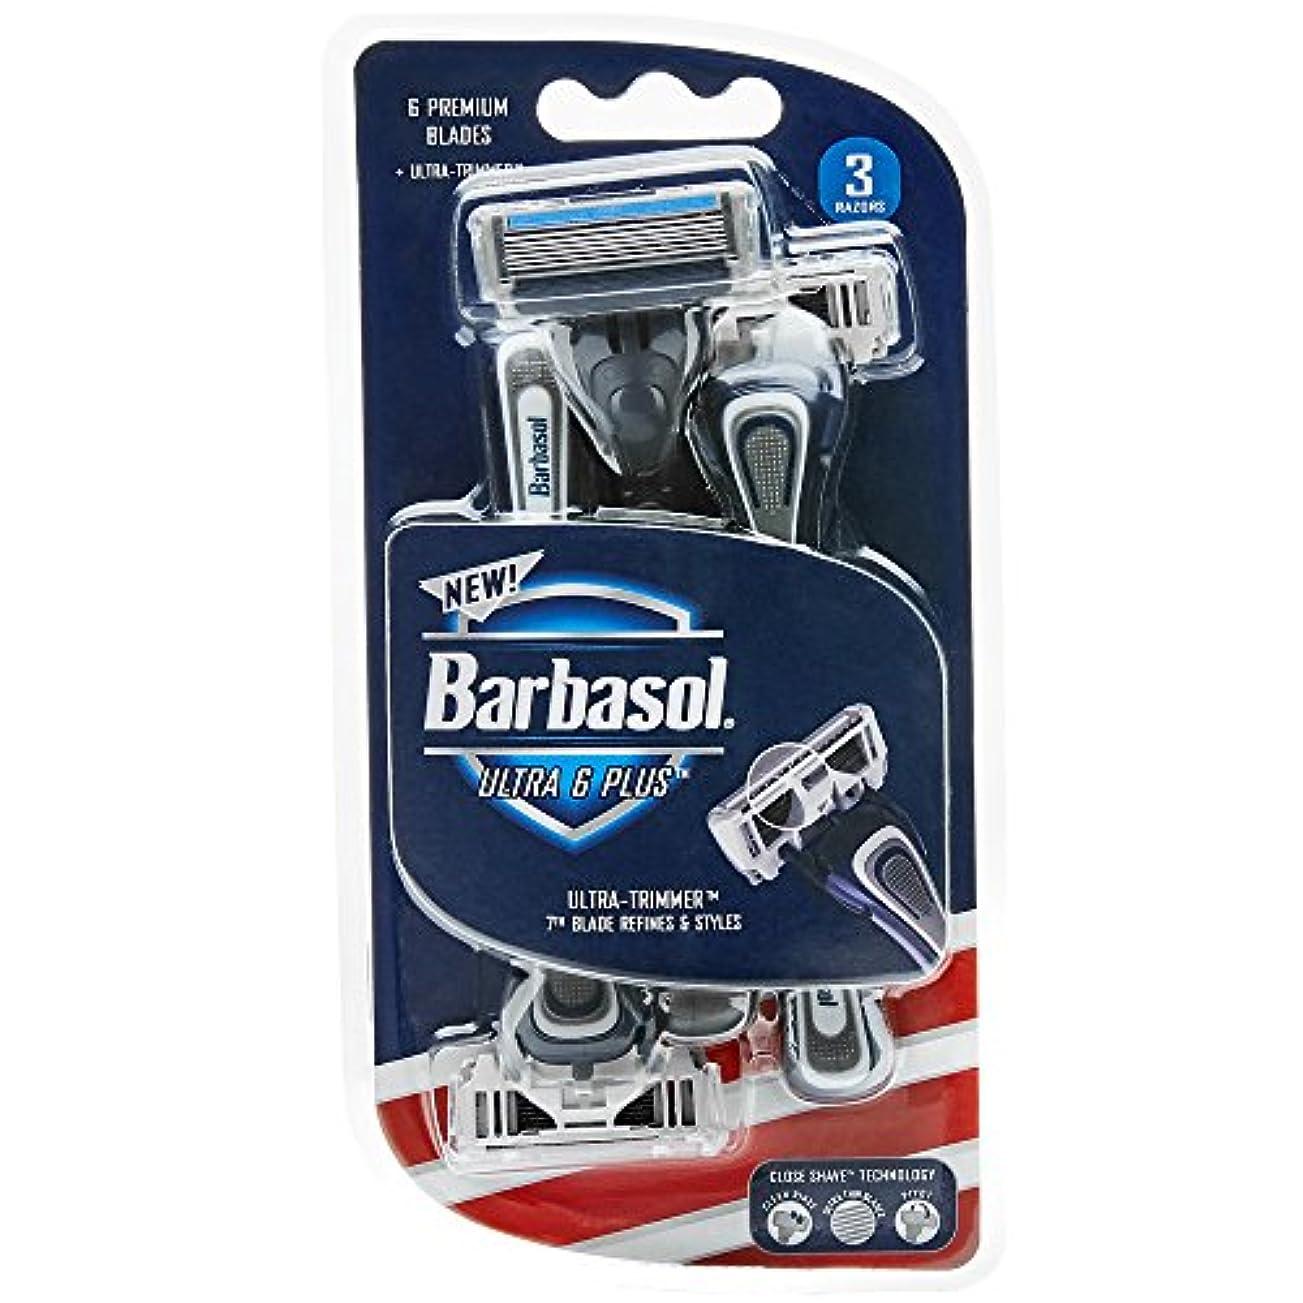 用心深い兵隊確立Barbasol ウルトラ6プラスプレミアム使い捨てカミソリ、3カウント